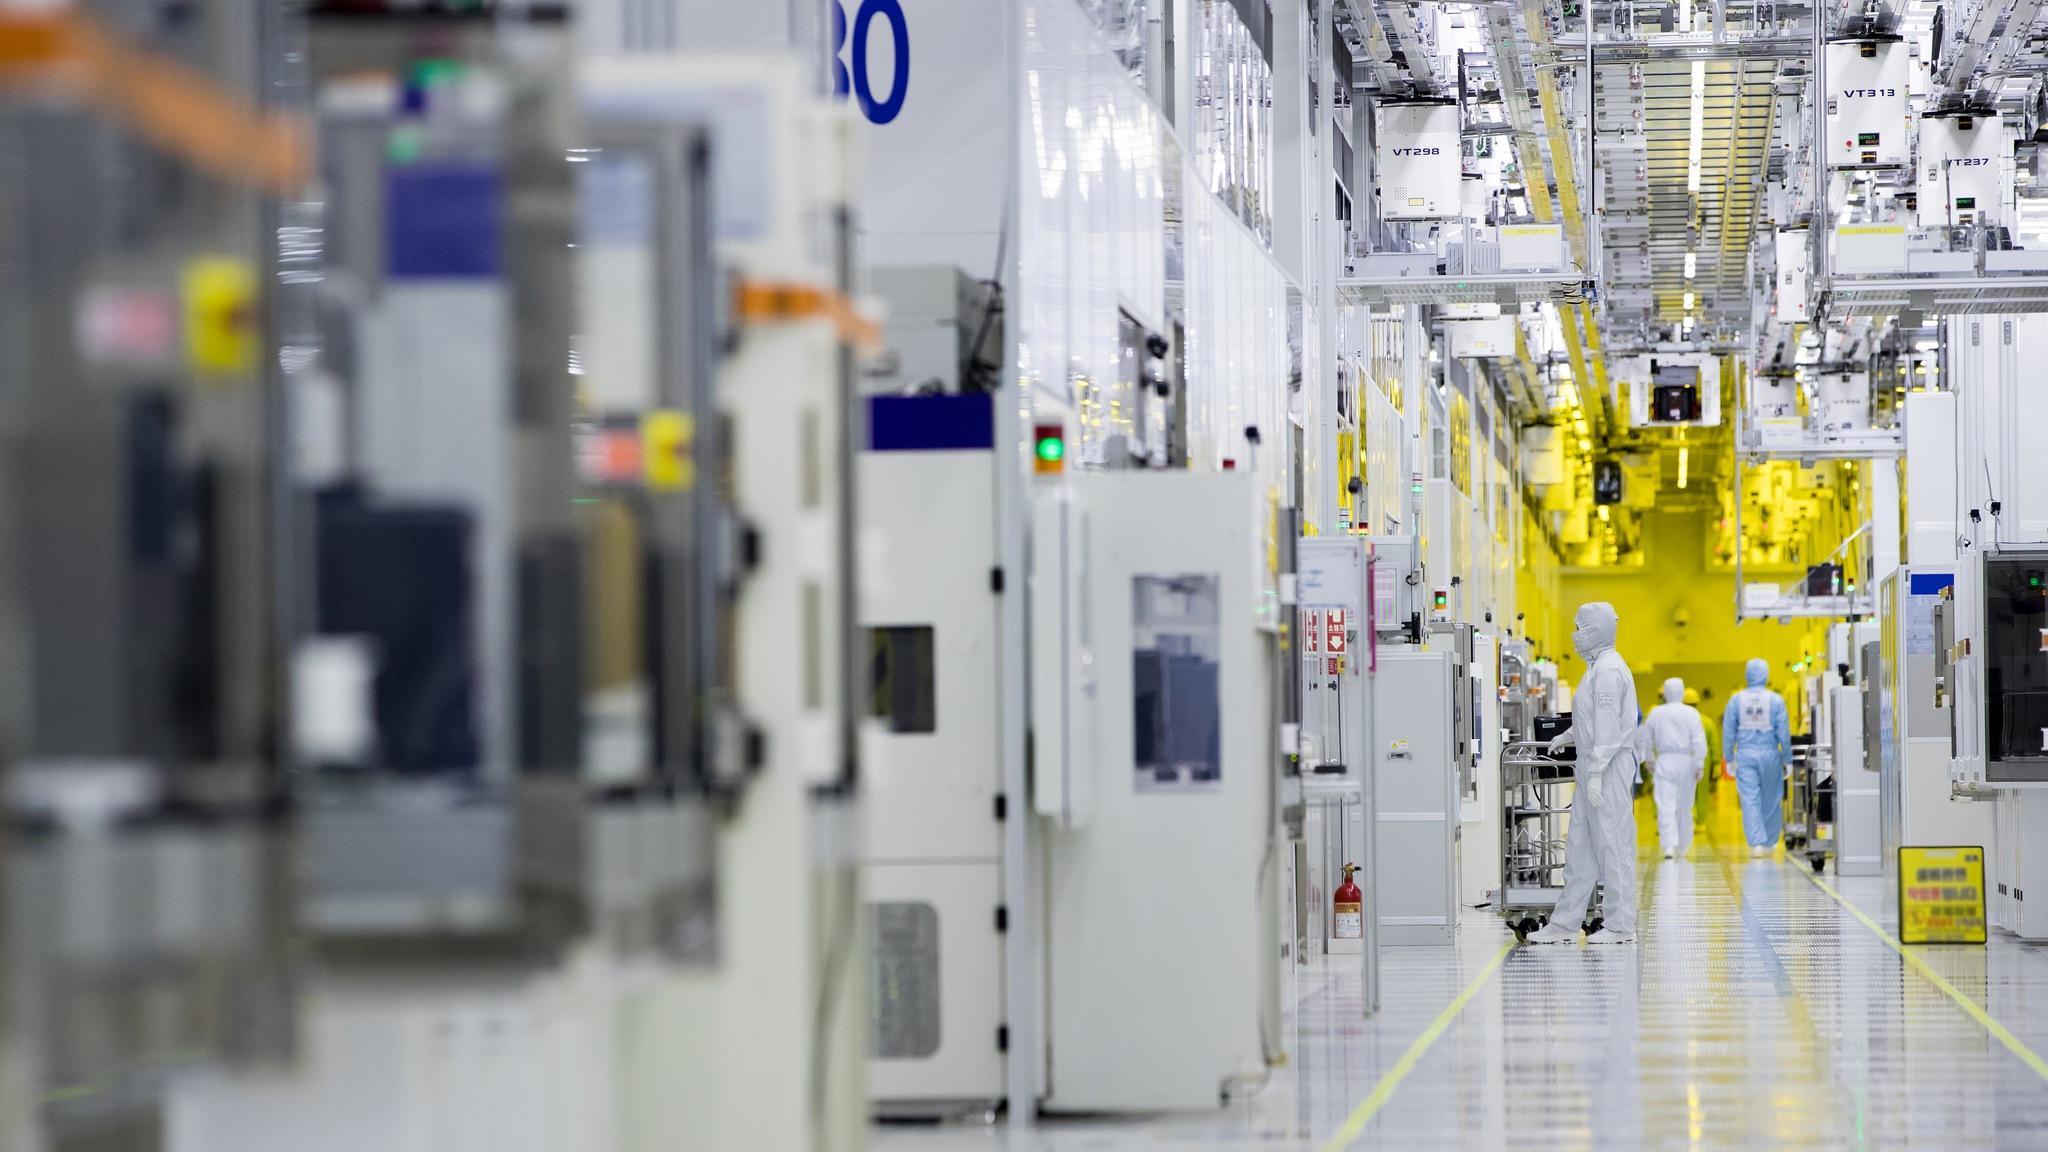 全球15家AI芯片公司同时现身市场, 这是15年来半导体行业从未有过的奇景